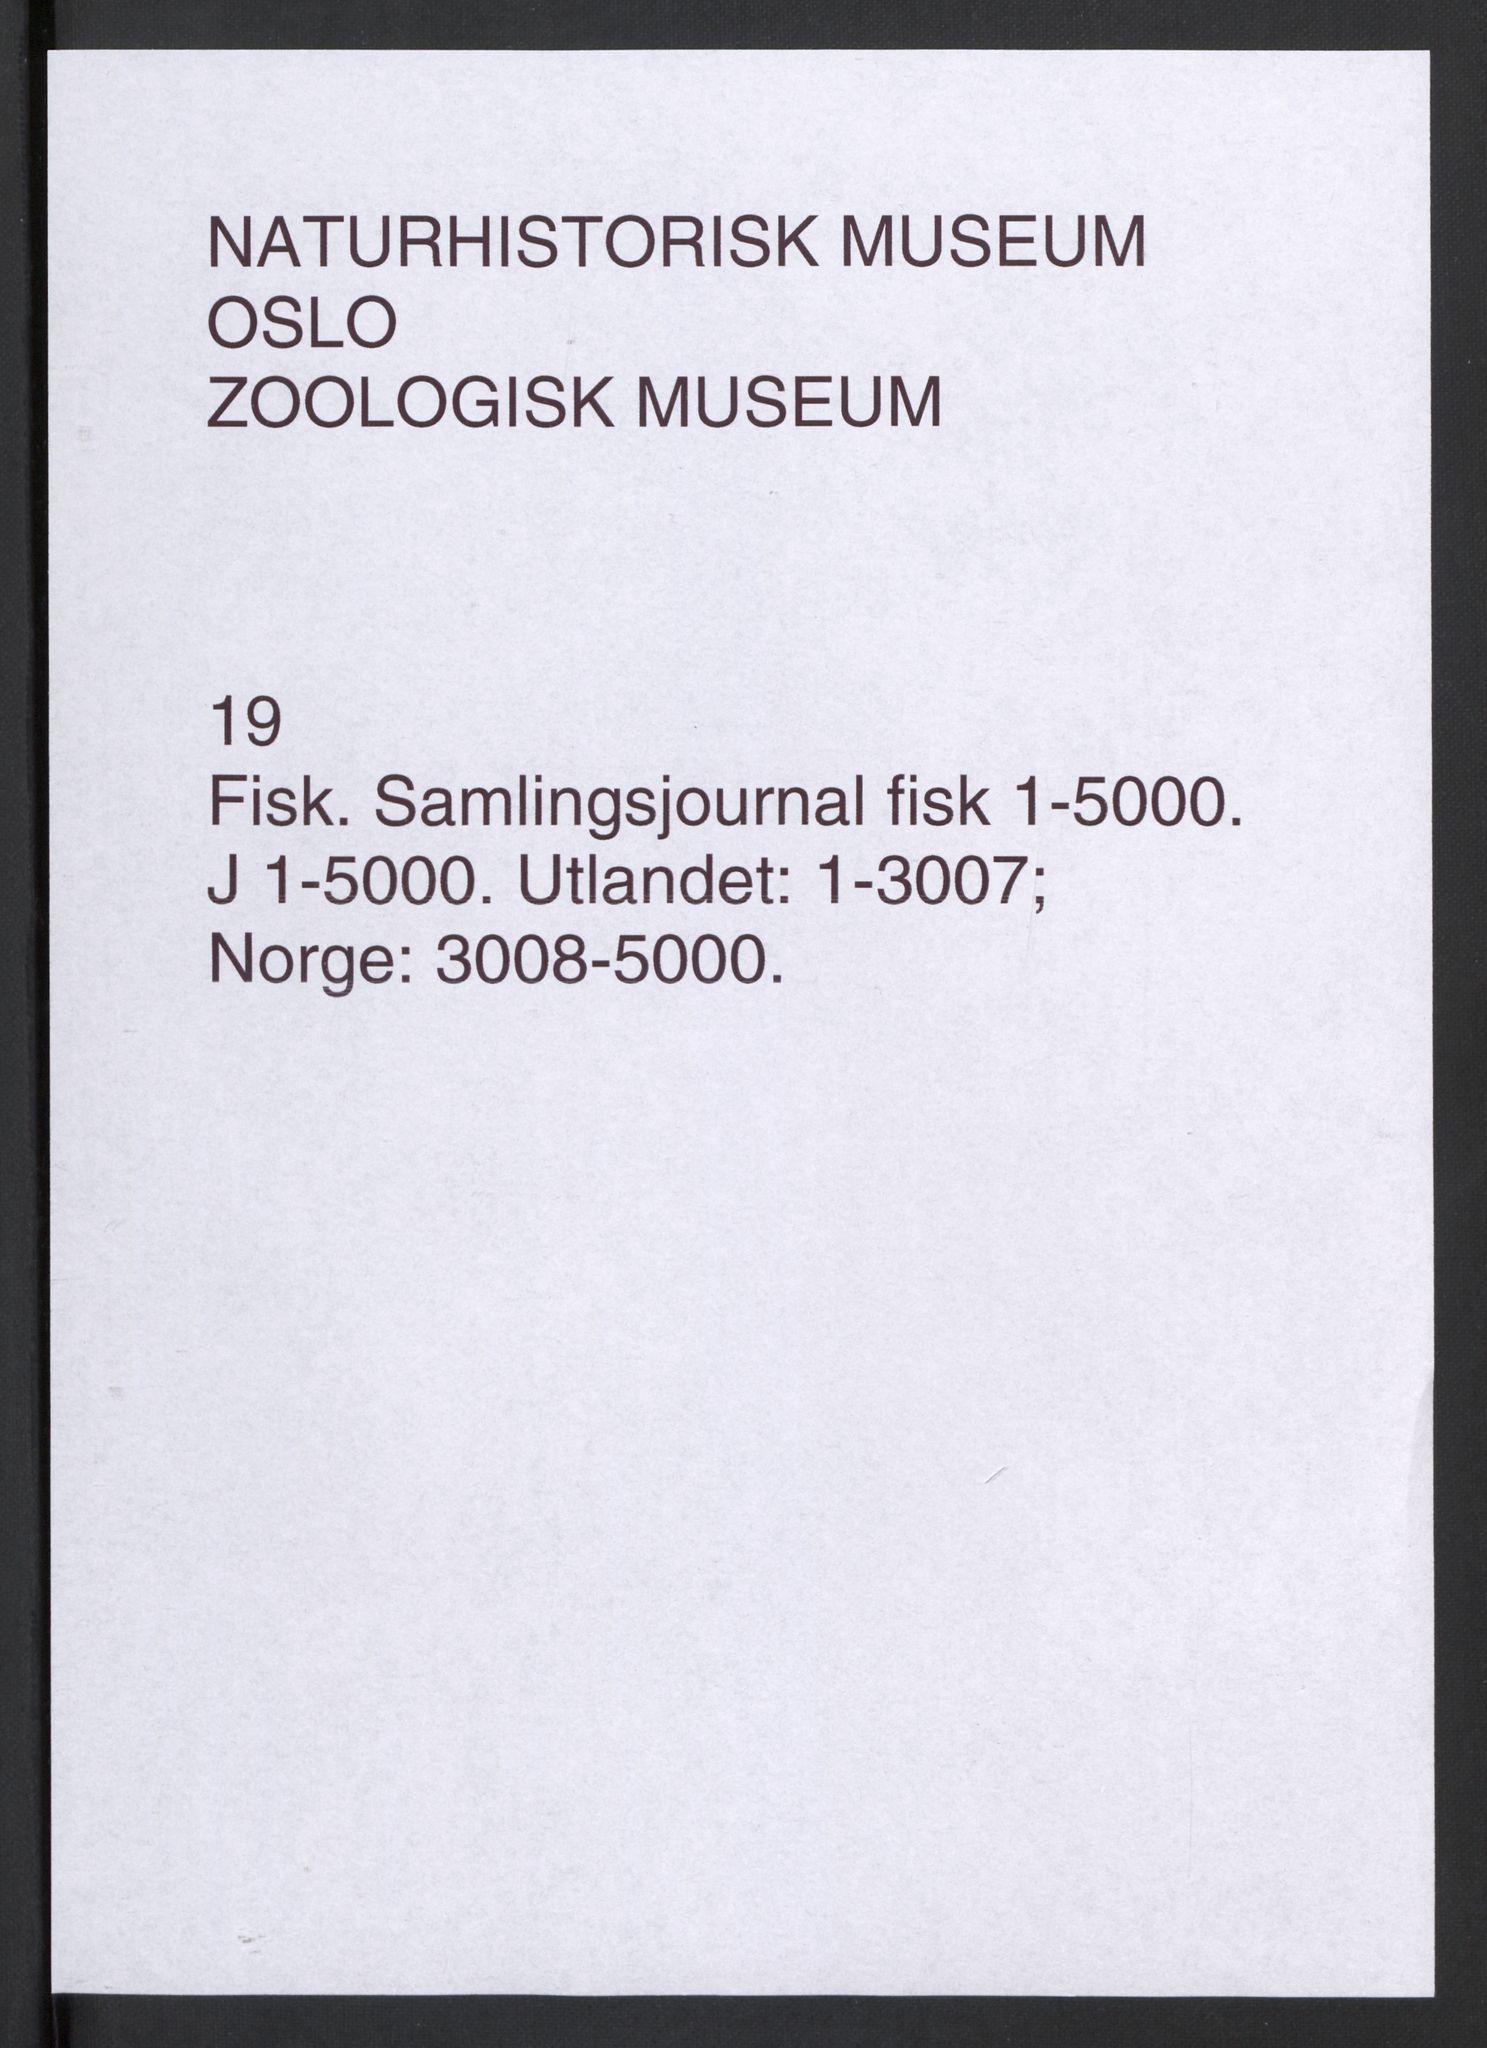 NHMO, Naturhistorisk museum (Oslo), 1: Fisk. Samlingsjournal. Fiskesamlingen (J), nr. 1-5000.